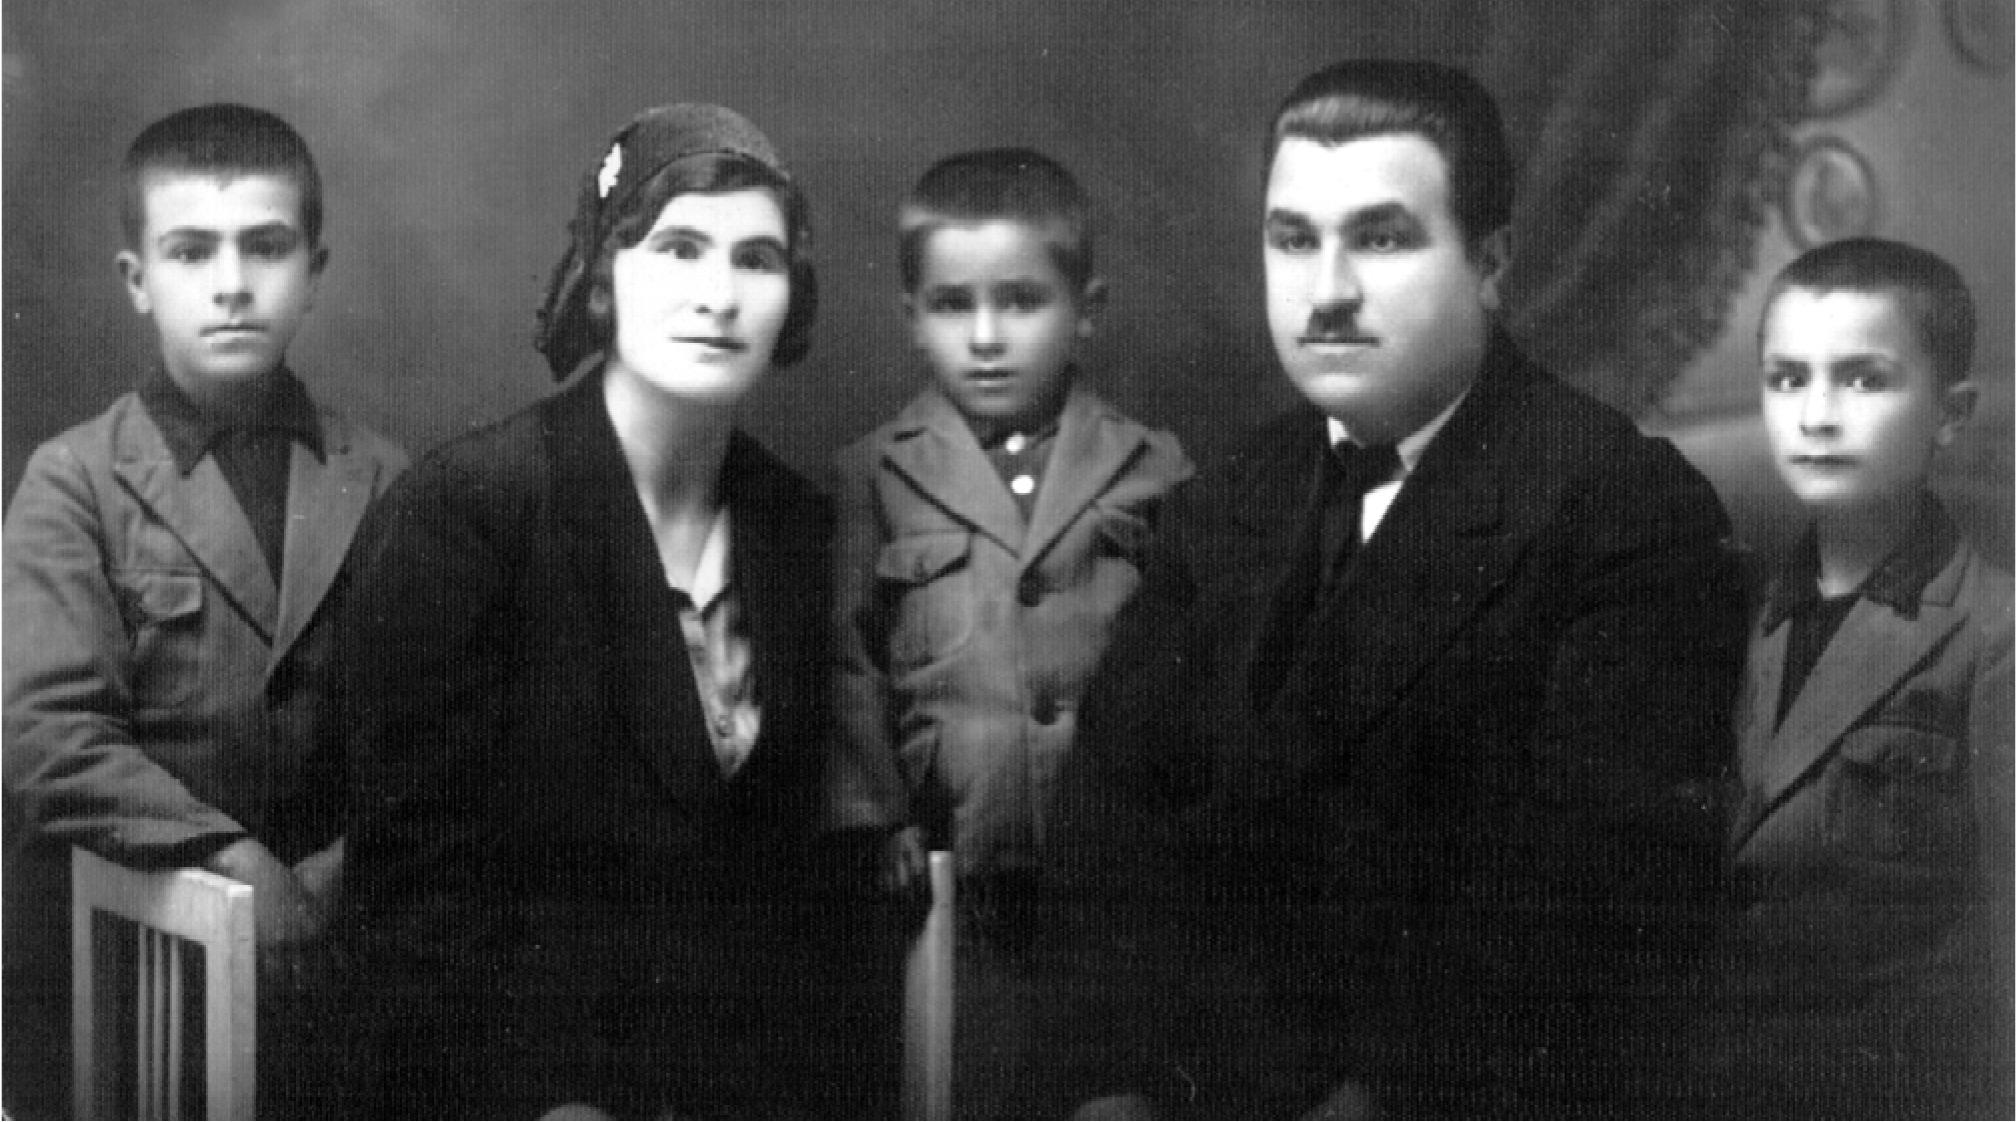 Fotografi familjare, në 1932. Nëntëvjeçari Aco Shopov i fundit në të djajtht.